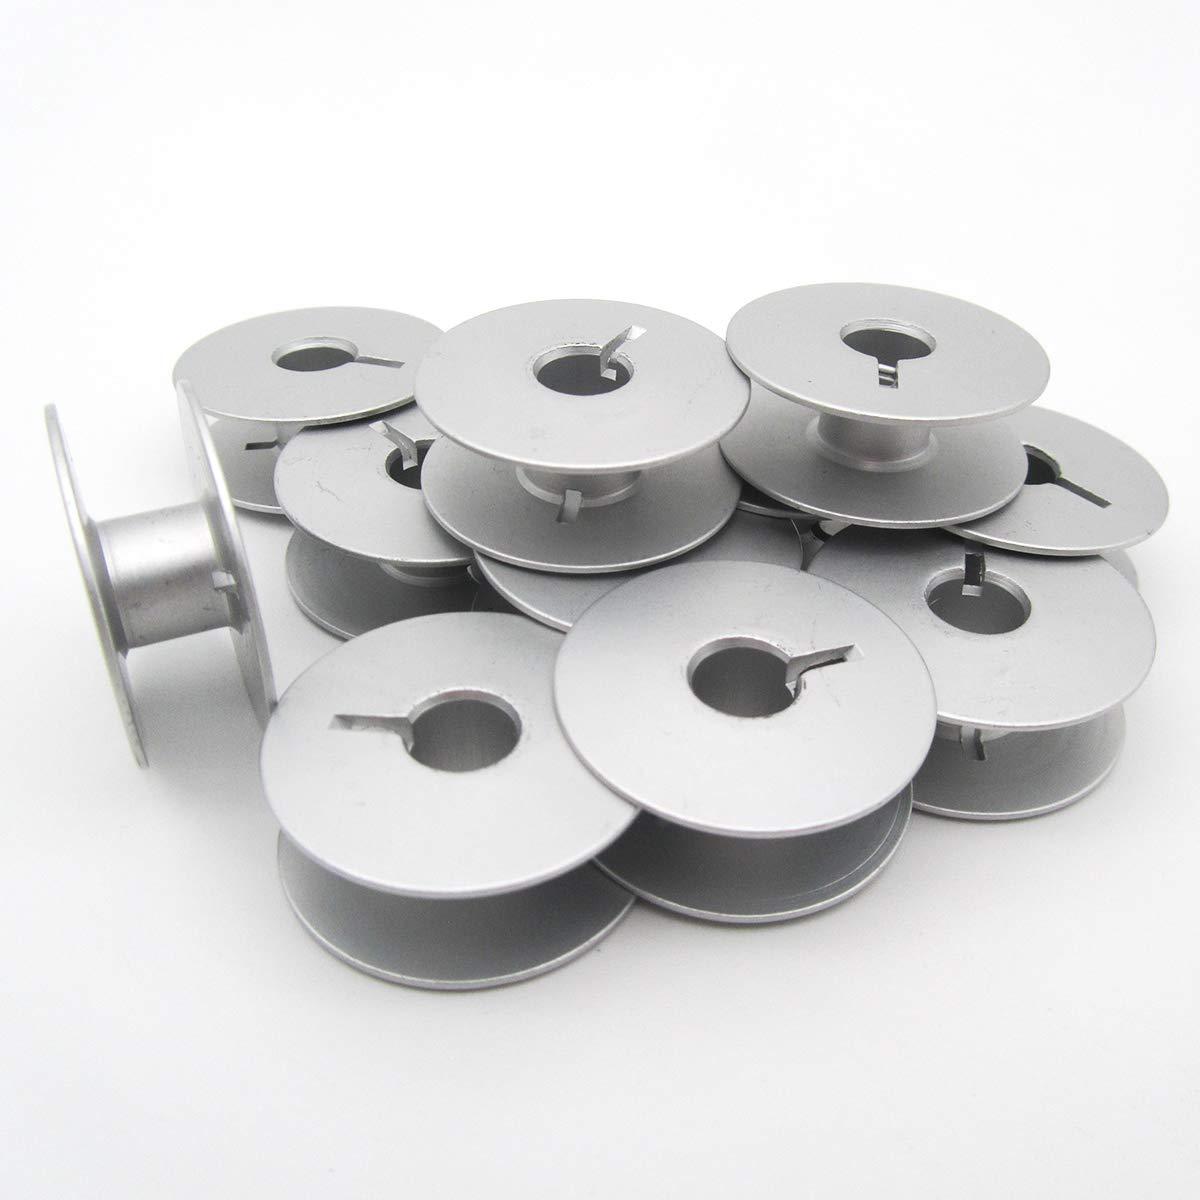 Aluminium Spulen f/ür Pfaff Industrie /& Home N/ähmaschinen # 9033/a